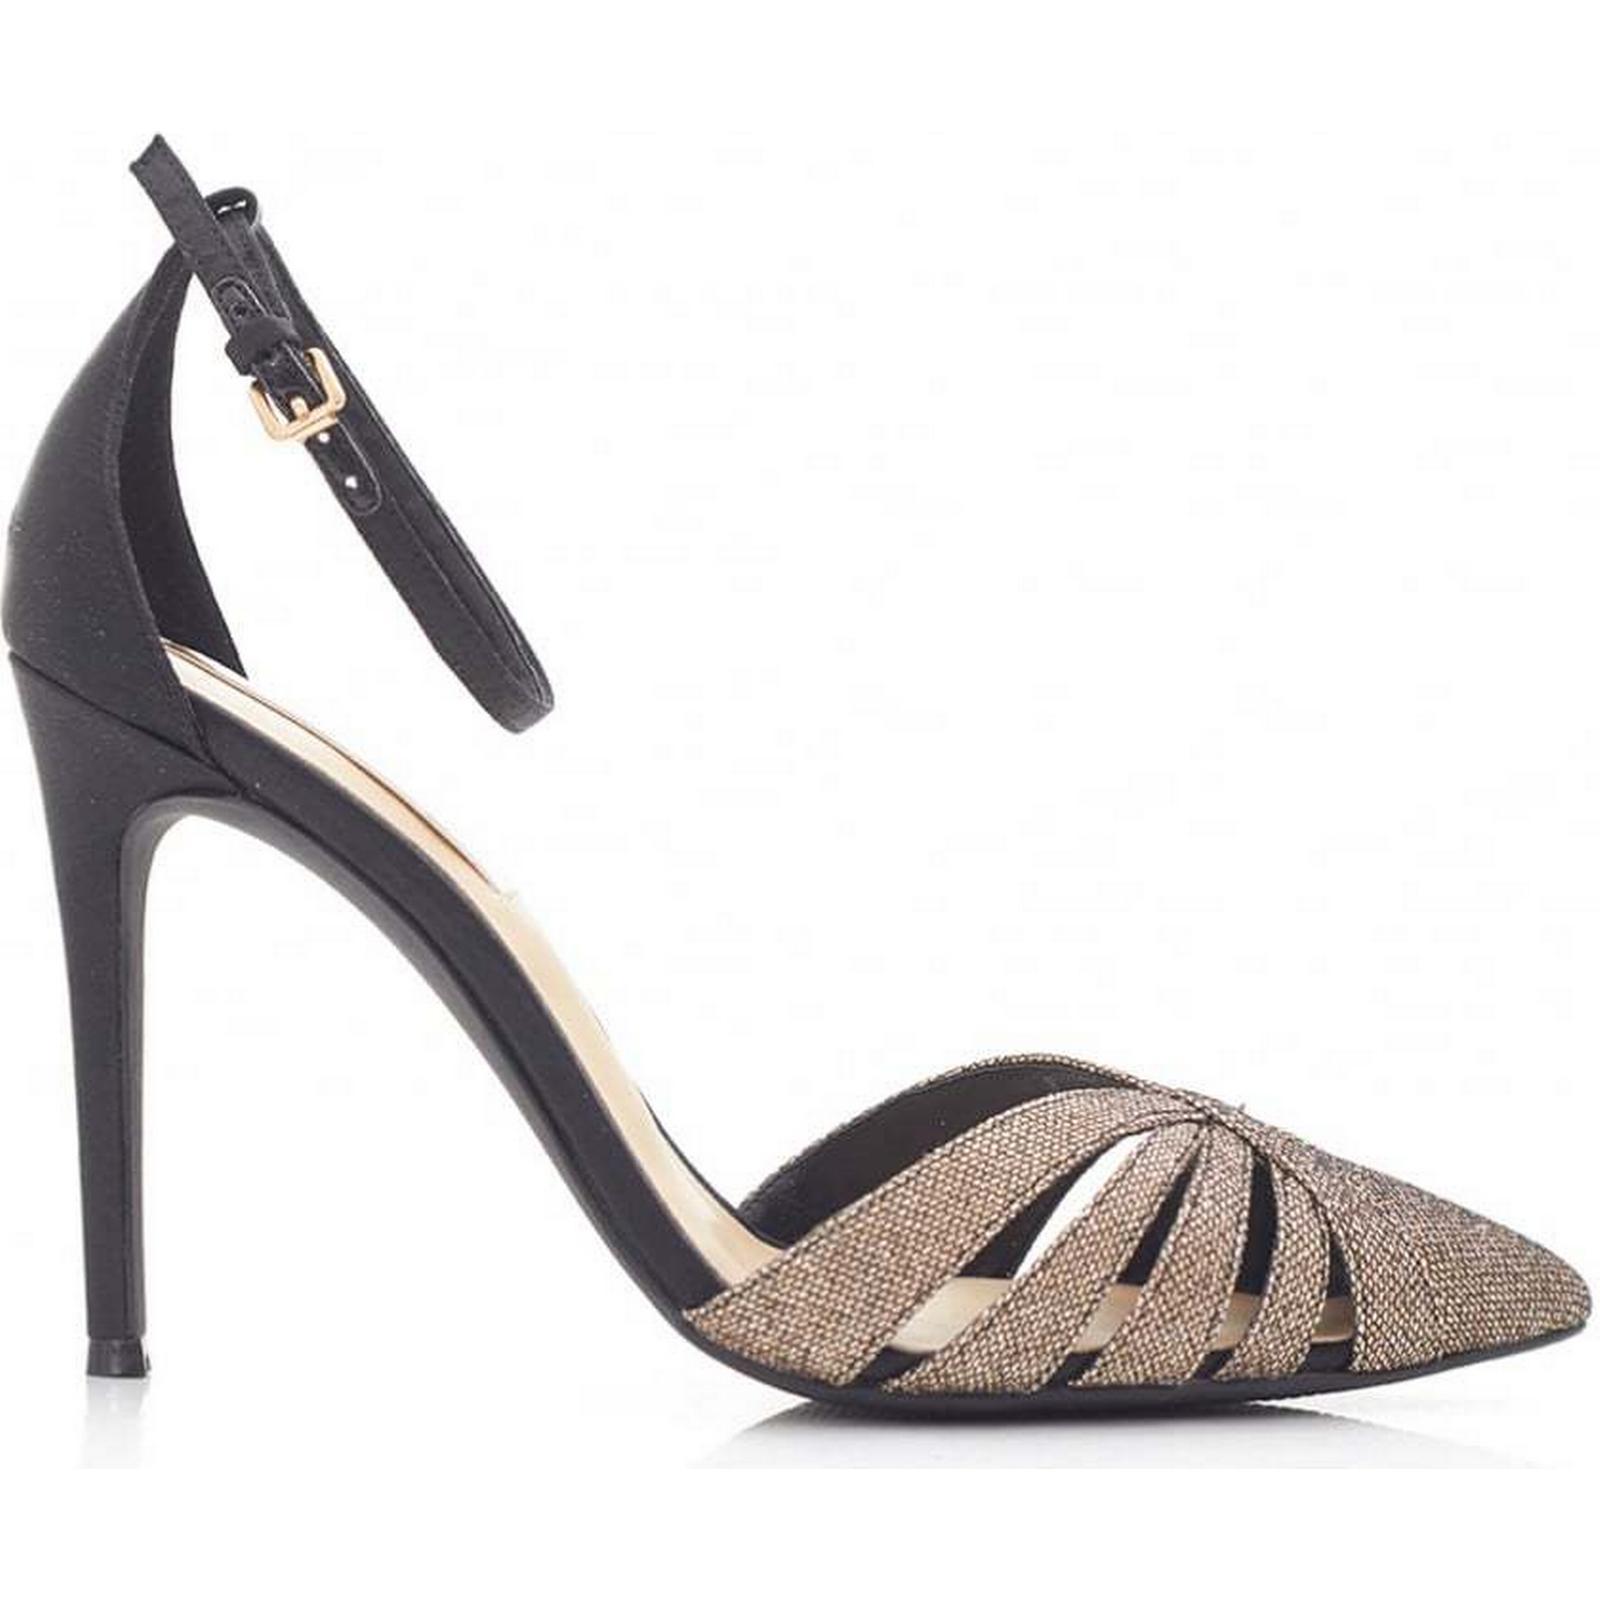 Forever Unique 7 Sandals Colour: BLACK, Size: 7 Unique 7f1c45